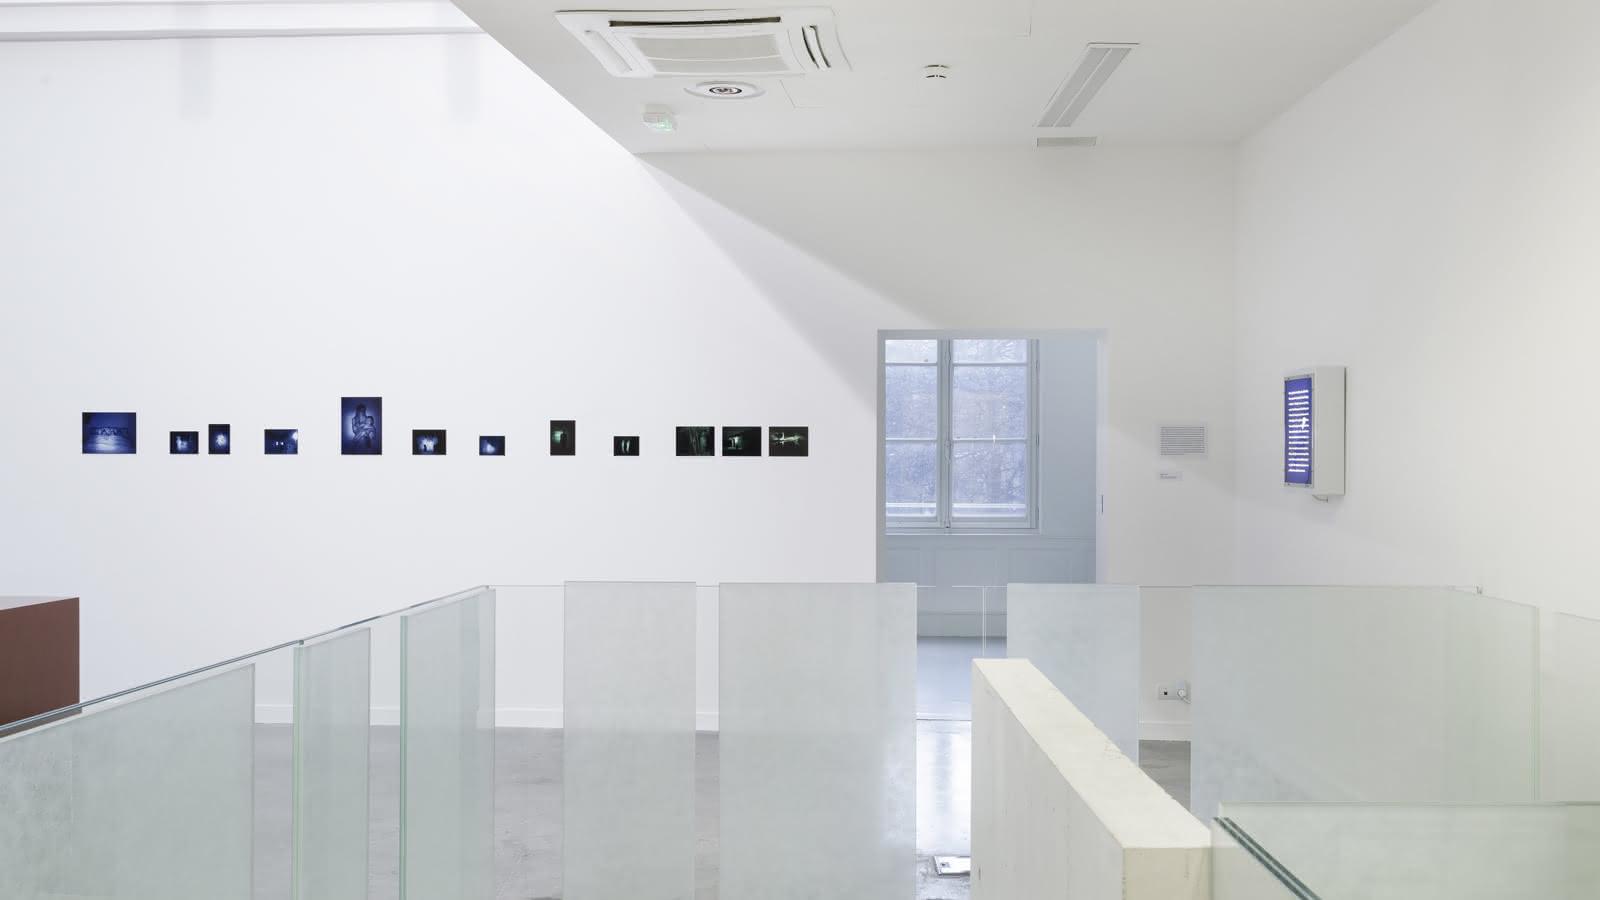 © Fonds régional d'art contemporain